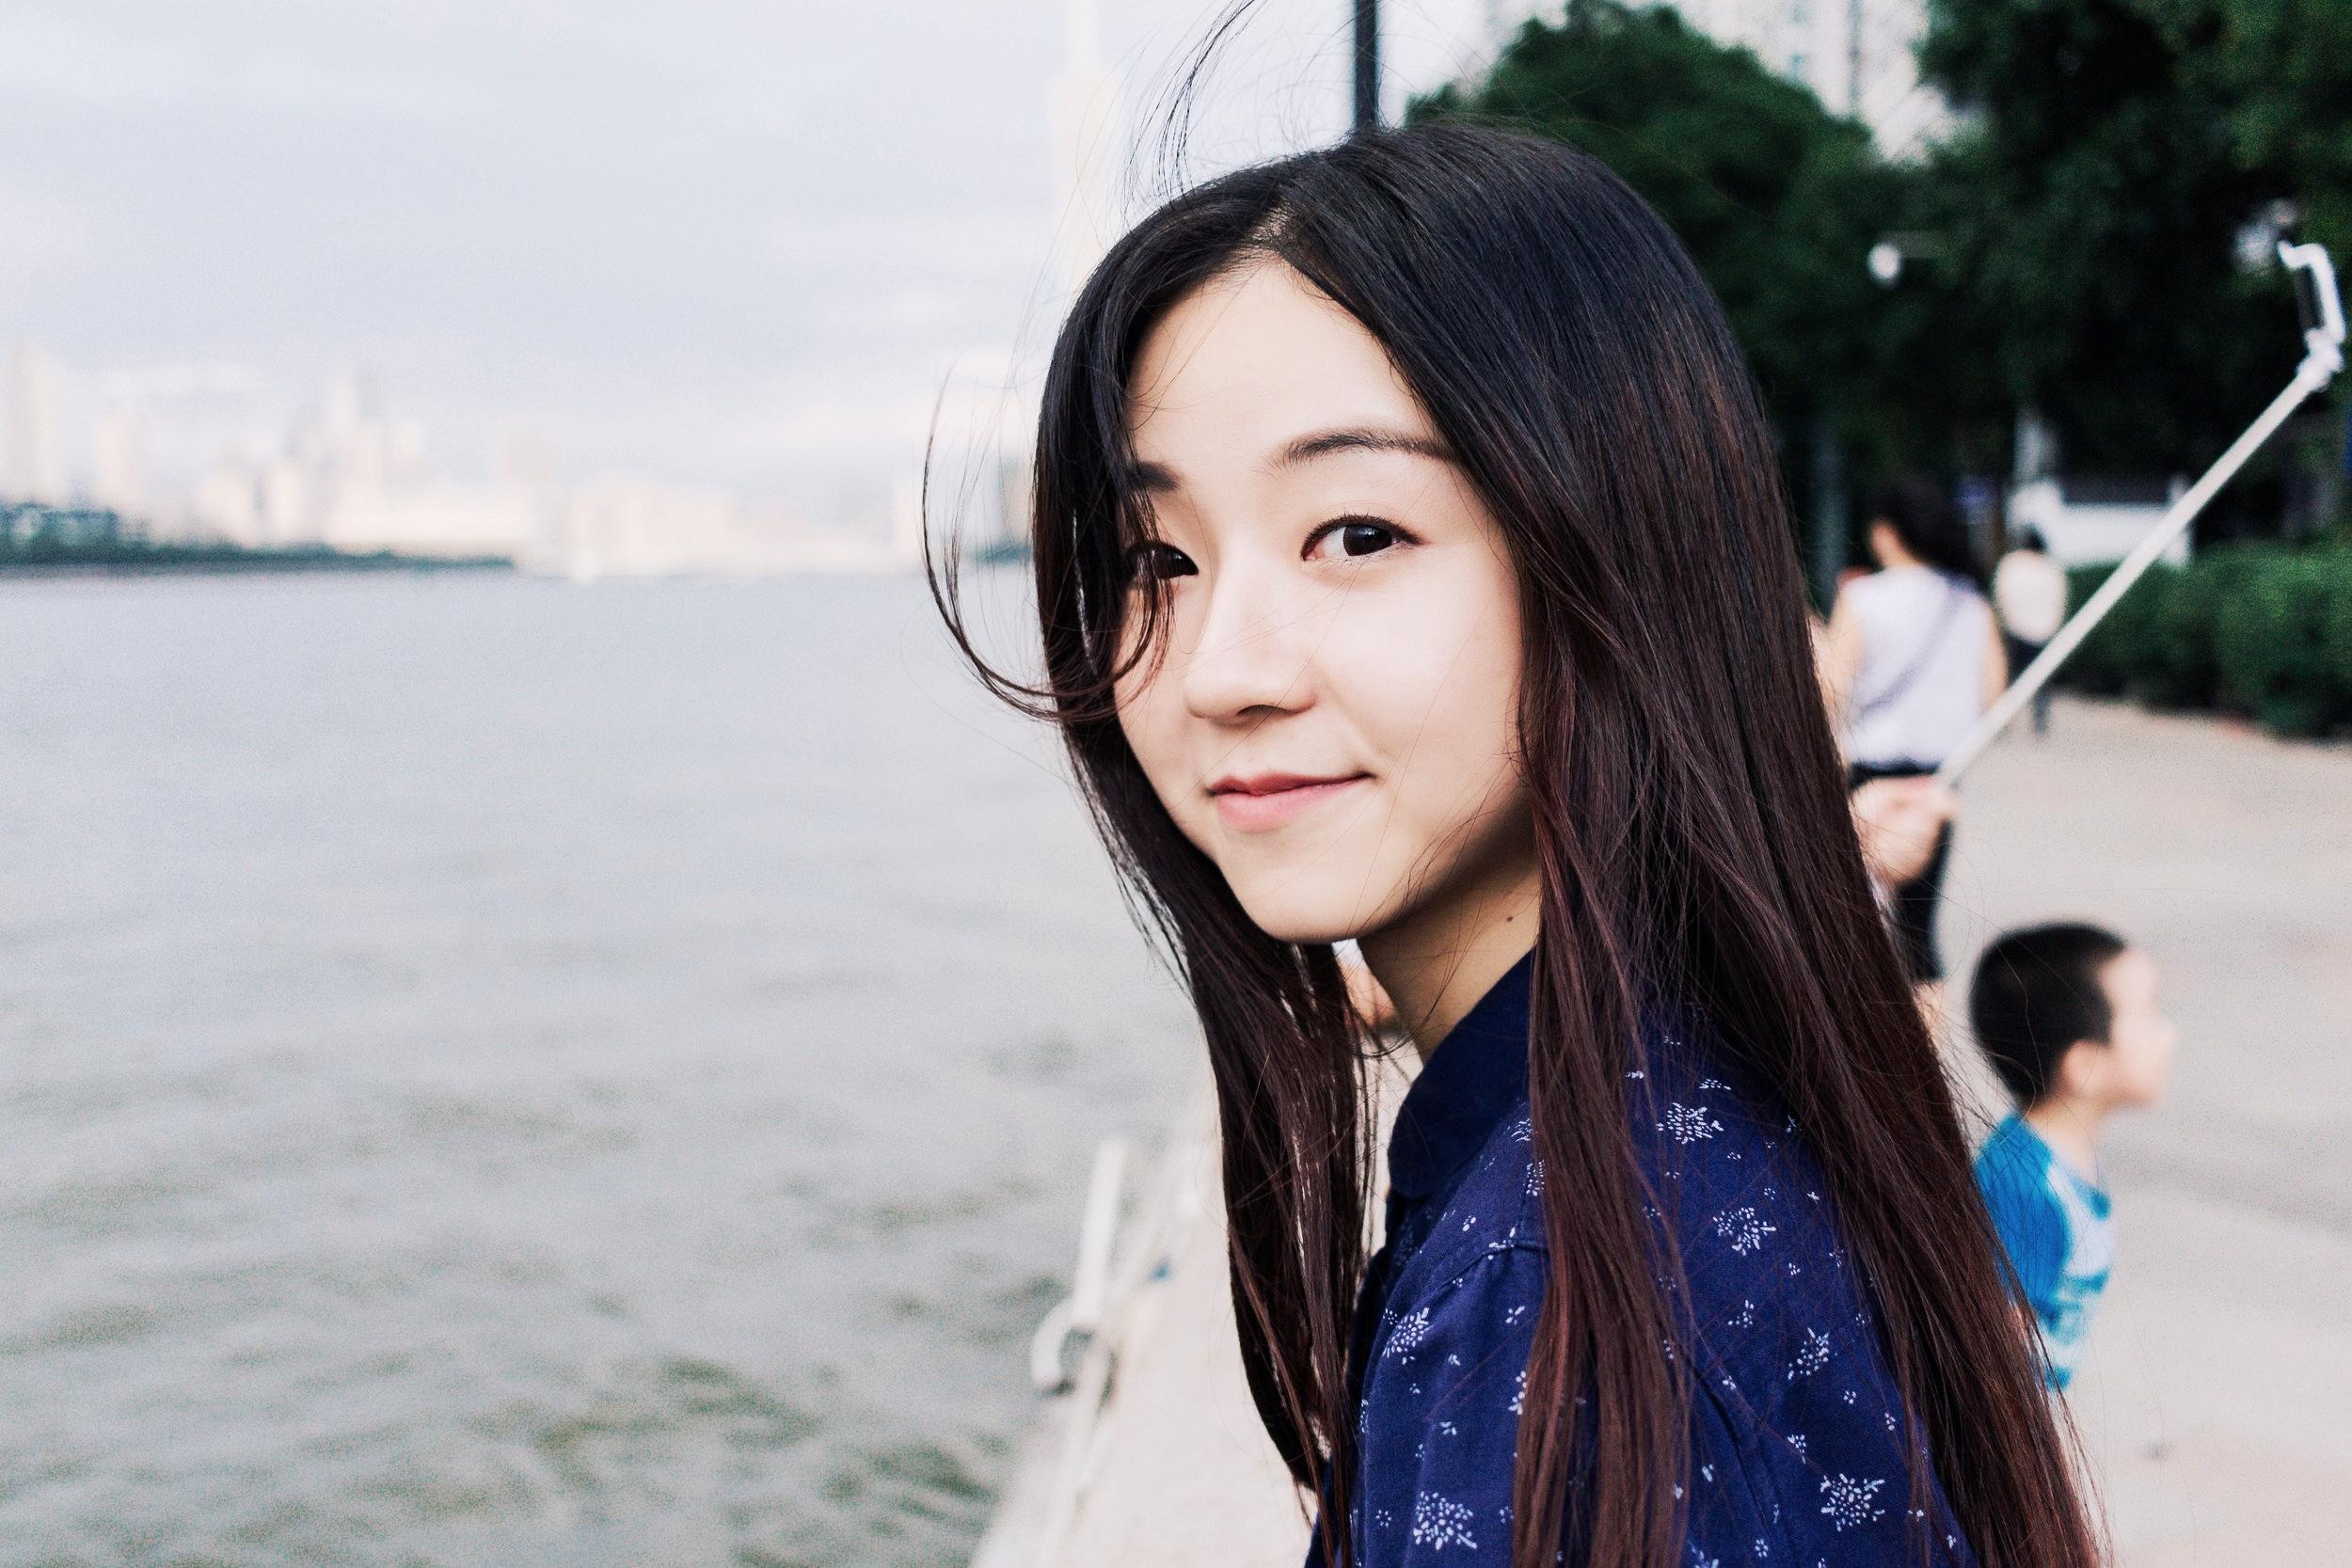 Ericka - Age: 25Gender: Female